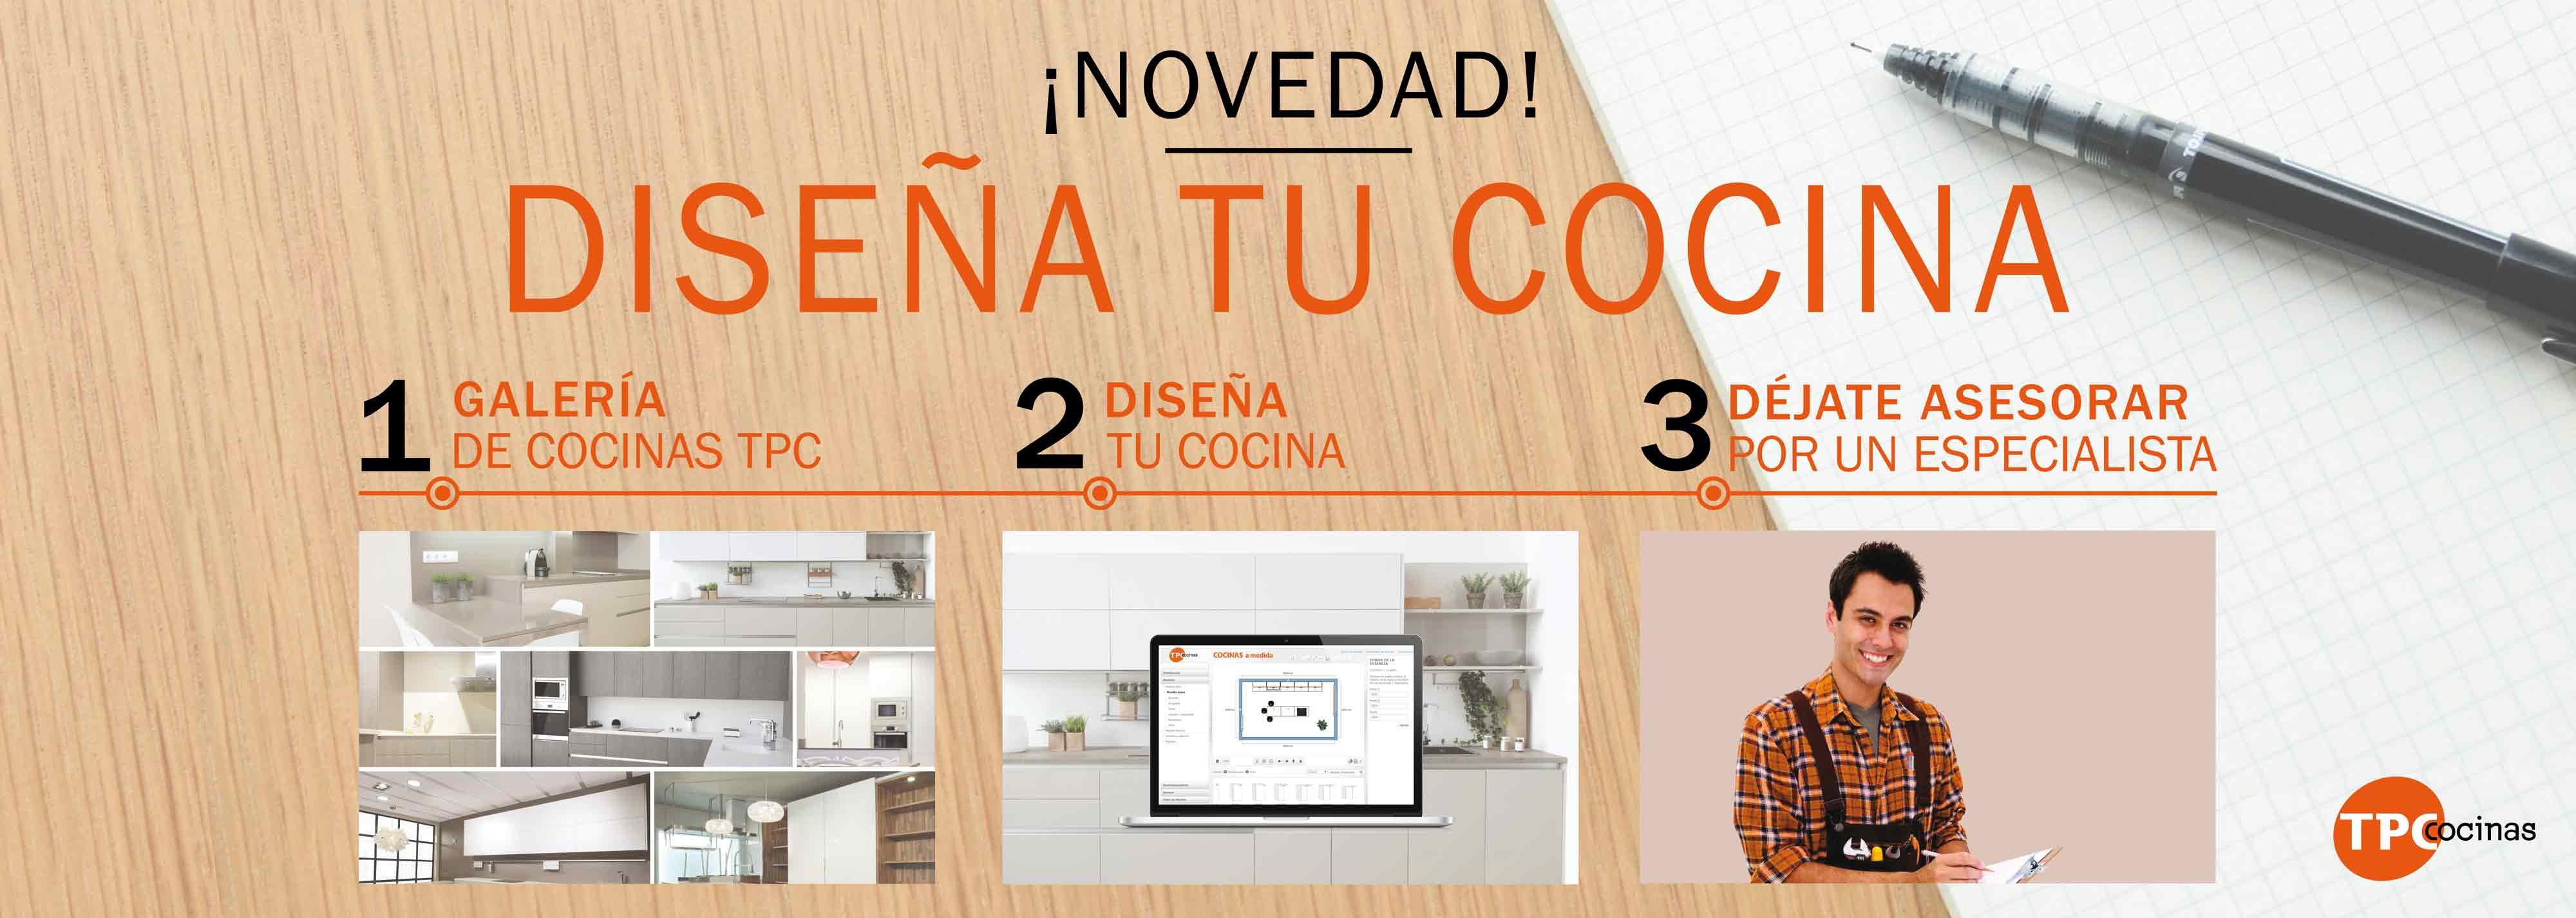 Programa dise o cocinas online casa dise o for Programa diseno cocina online gratis